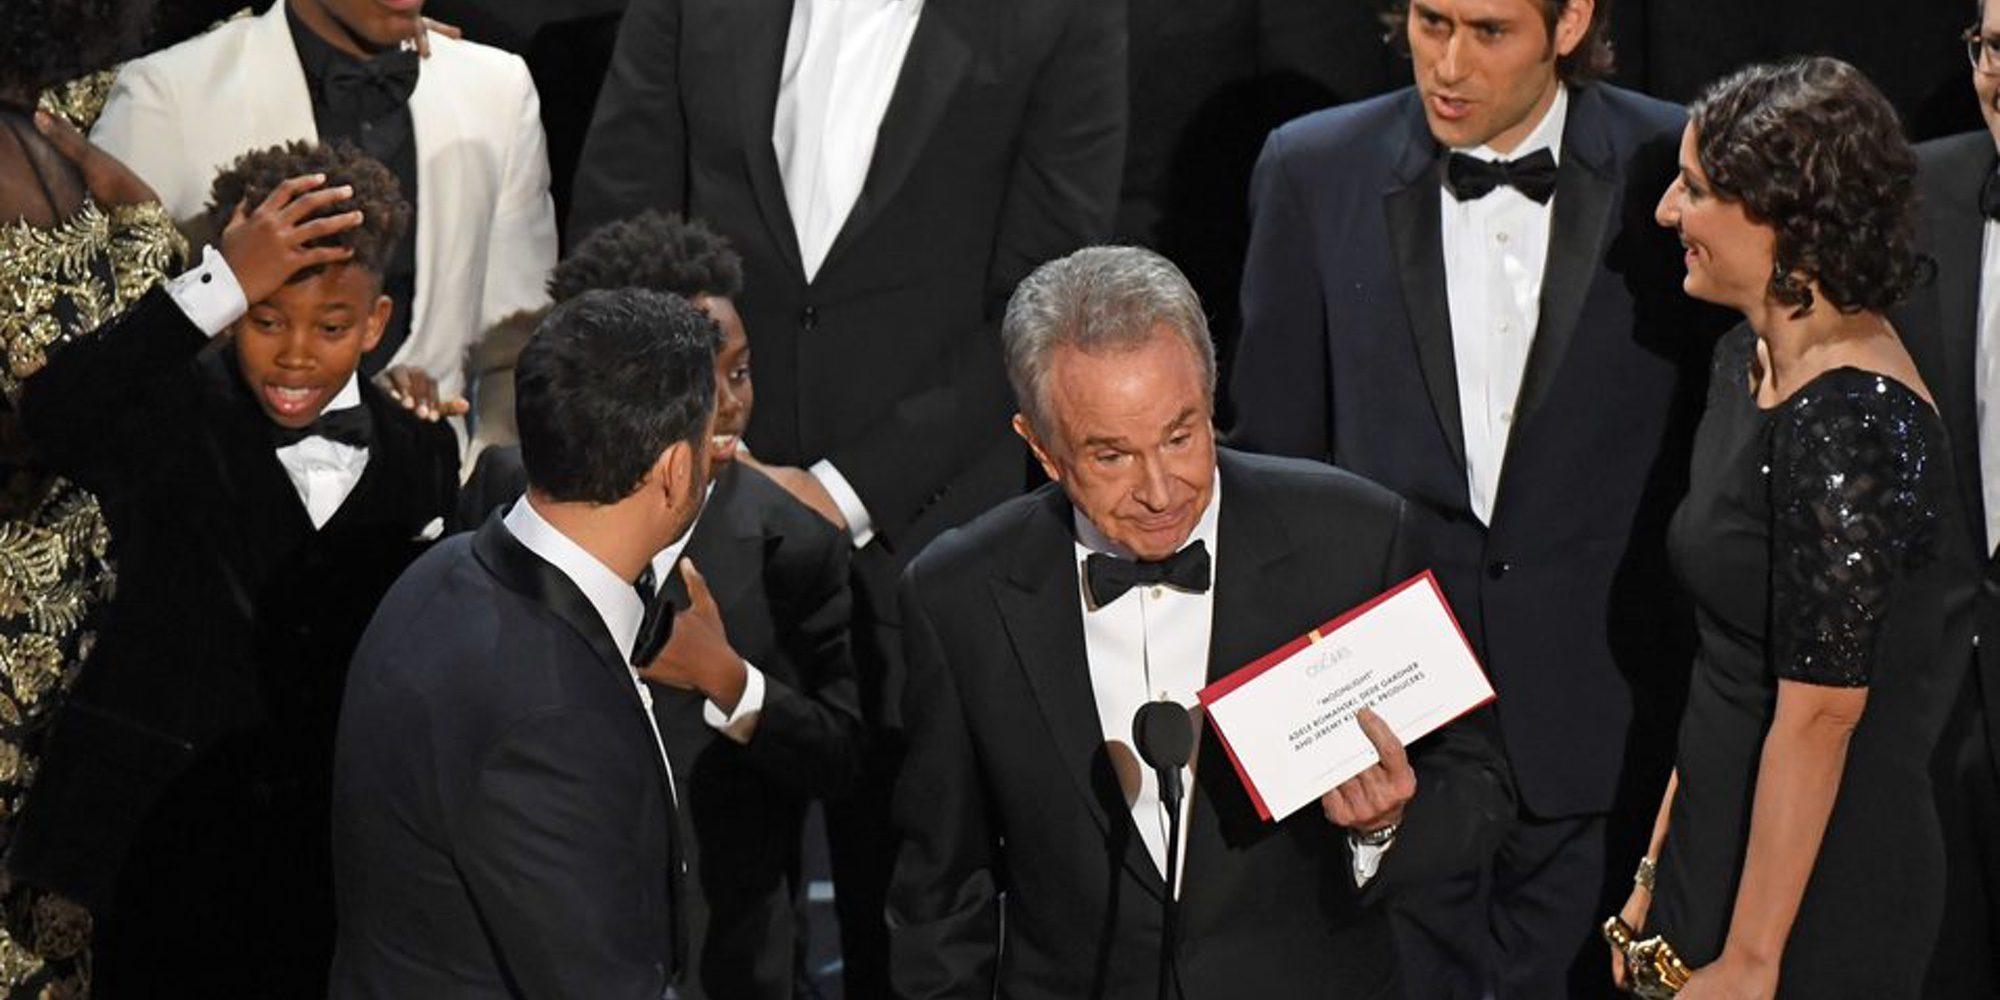 Warren Beatty cuénta cómo vivieron él y Faye Dunaway el error de los Oscar 2017 con 'La La Land' y 'Moonlight'